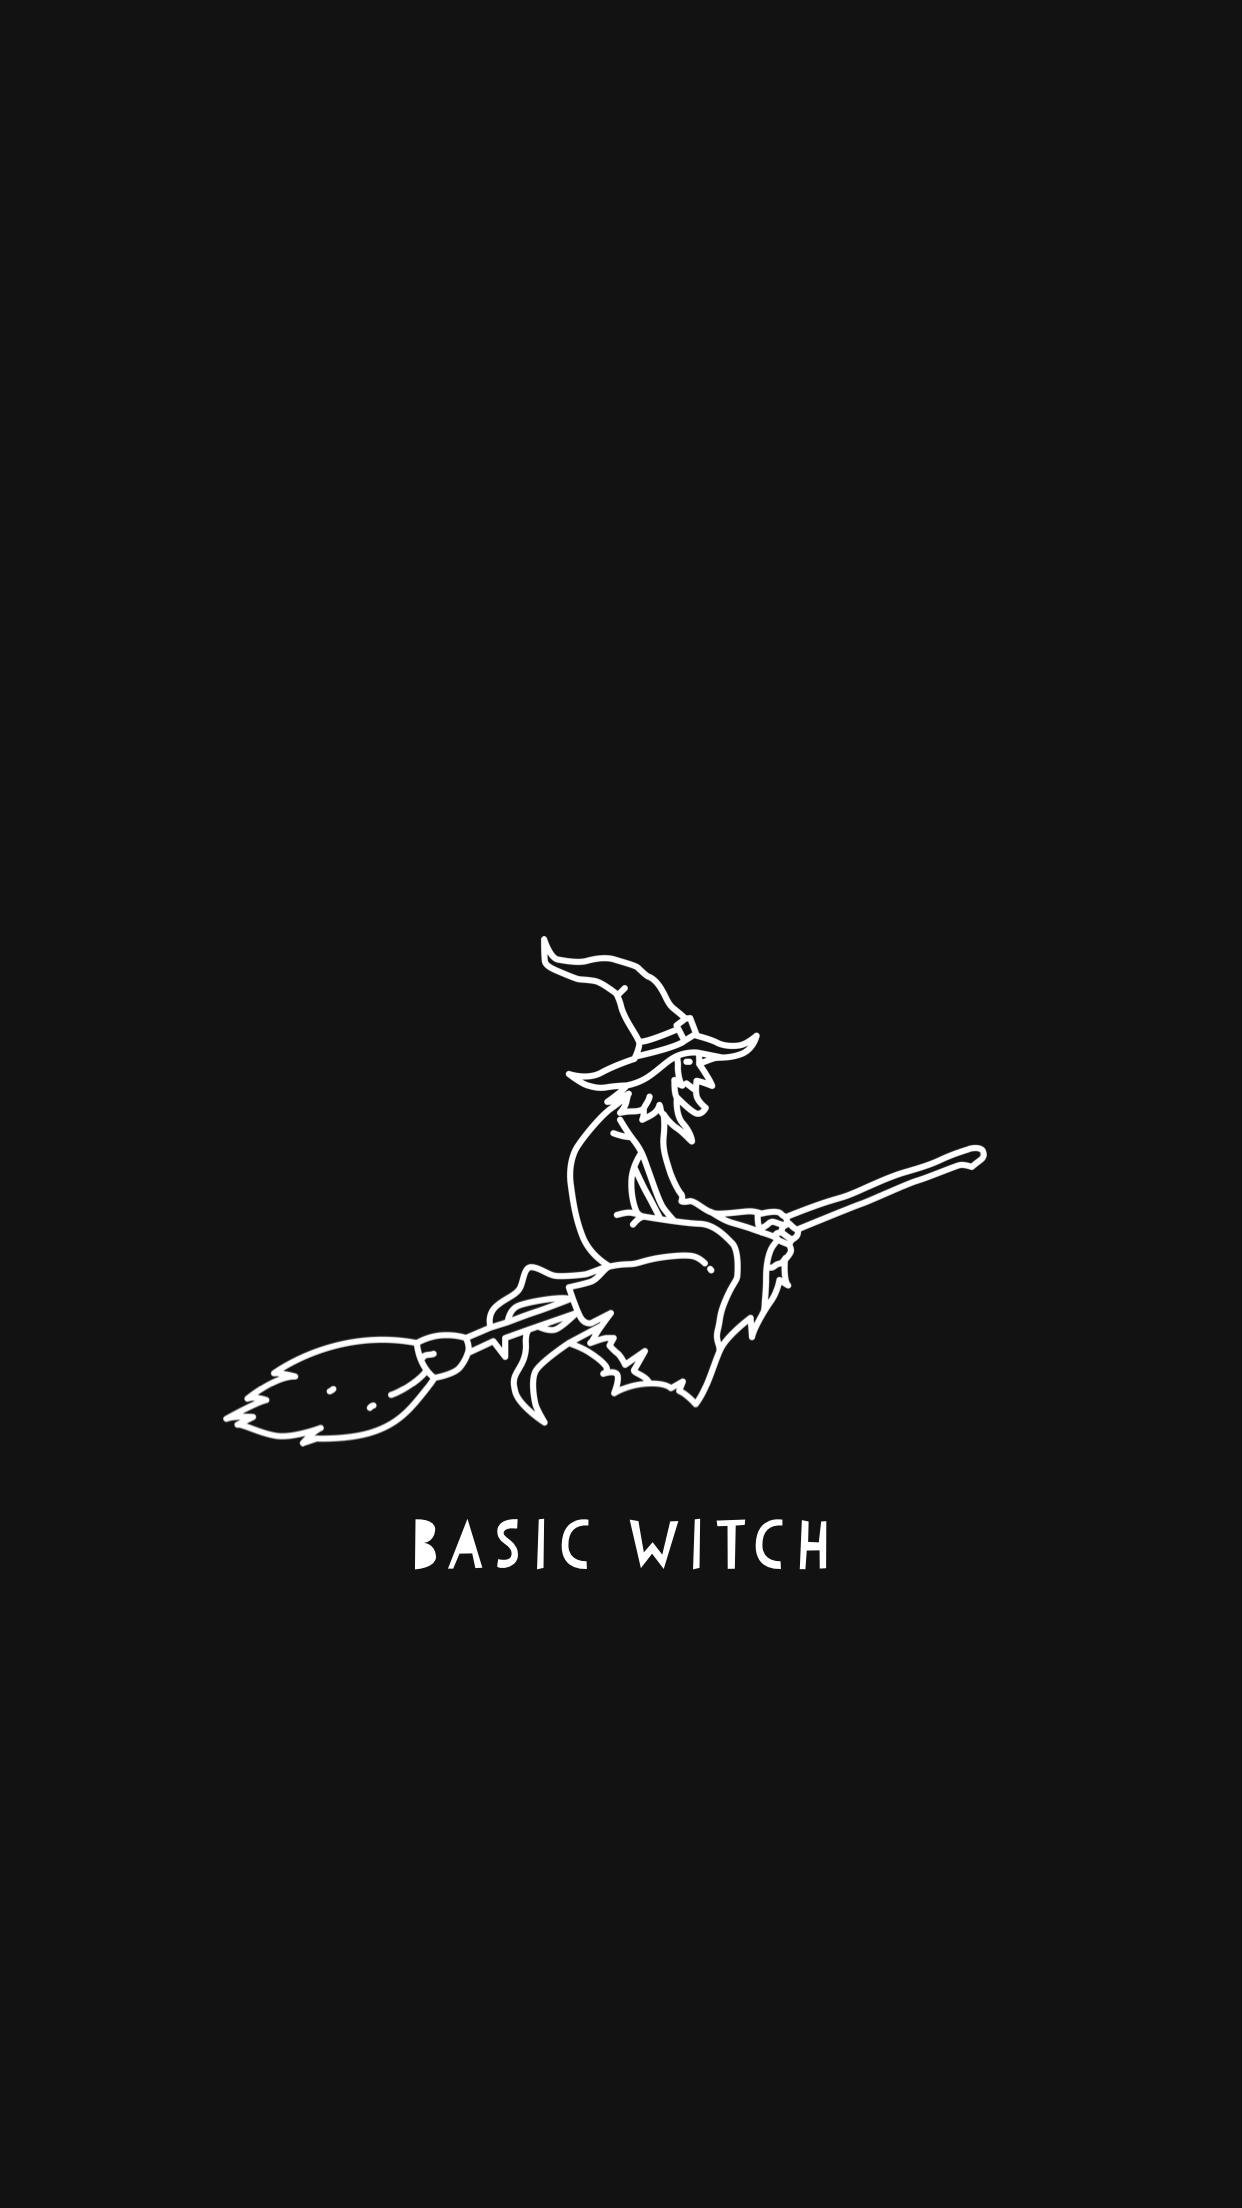 Basic Witch Arvo Wallpaper Be good Do good arvo arvowear 1242x2208